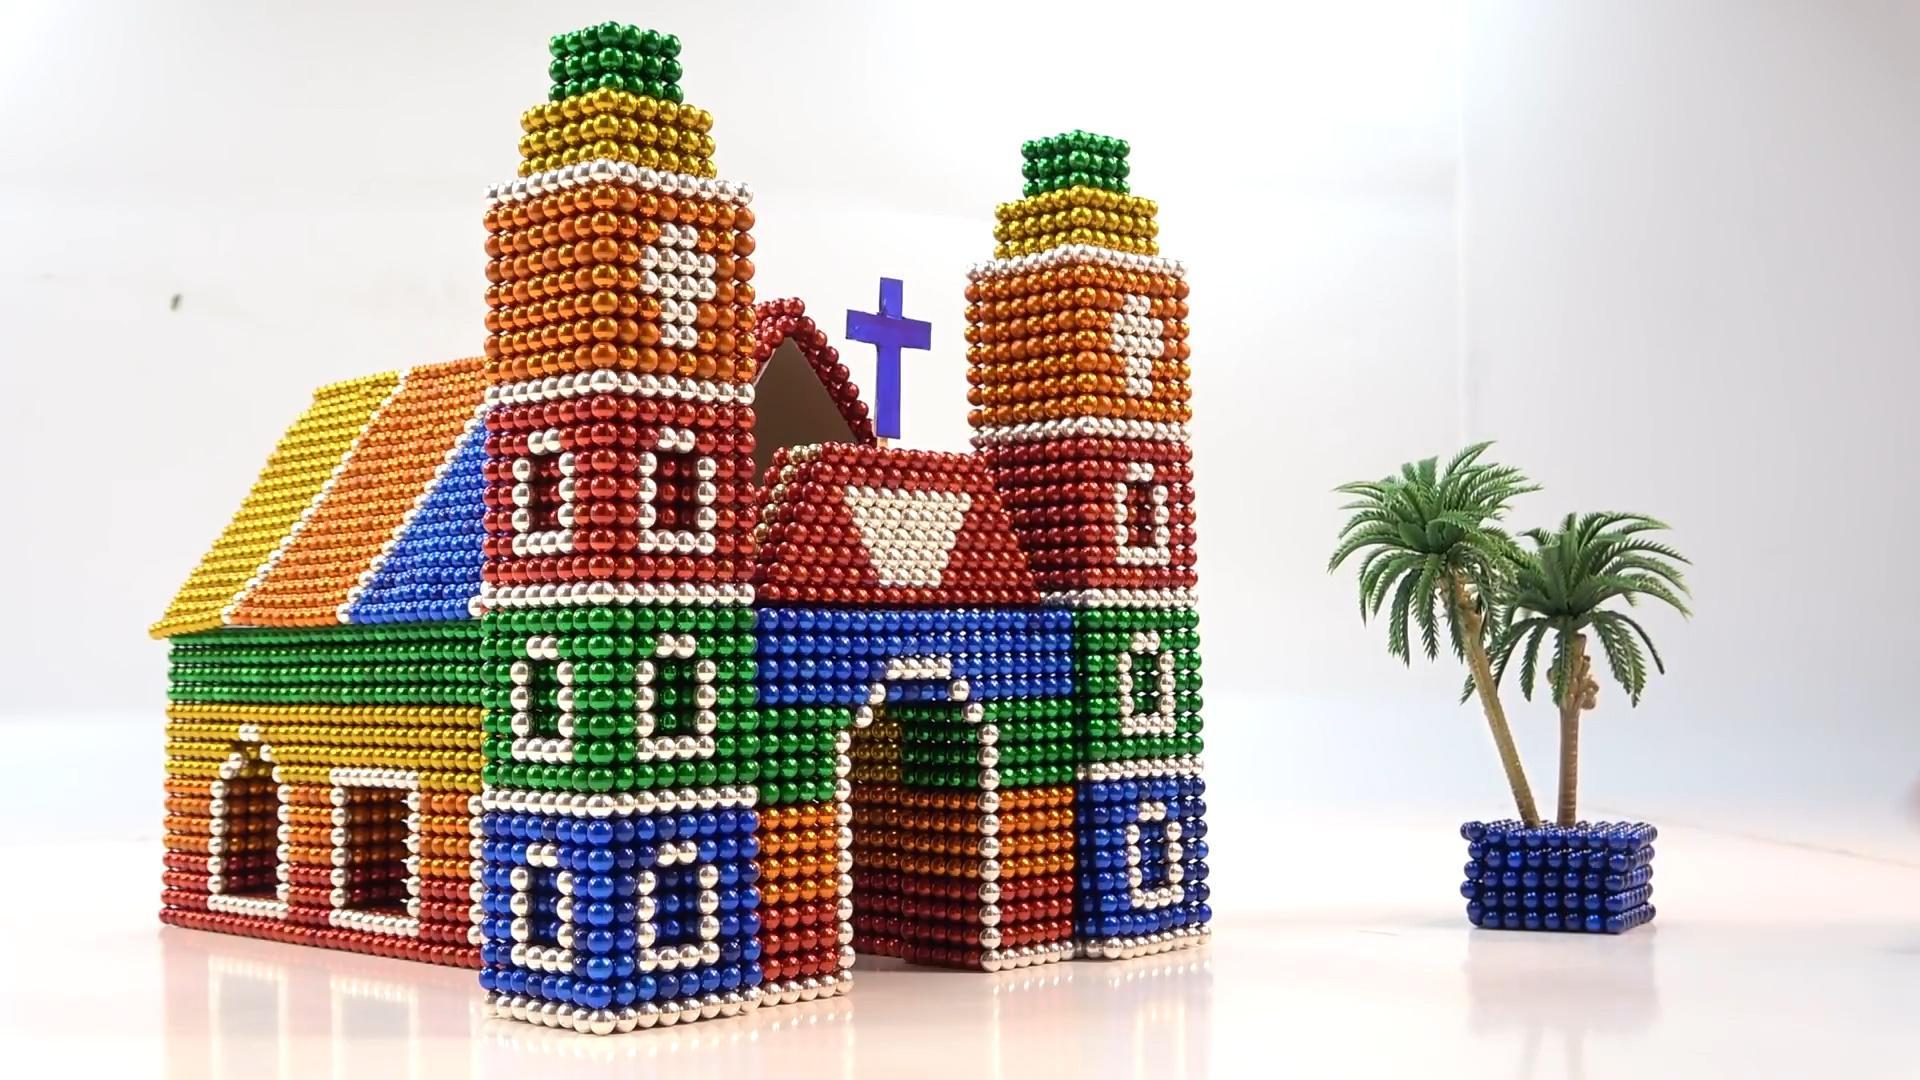 趣味手工:磁力珠DIY的法国大教堂